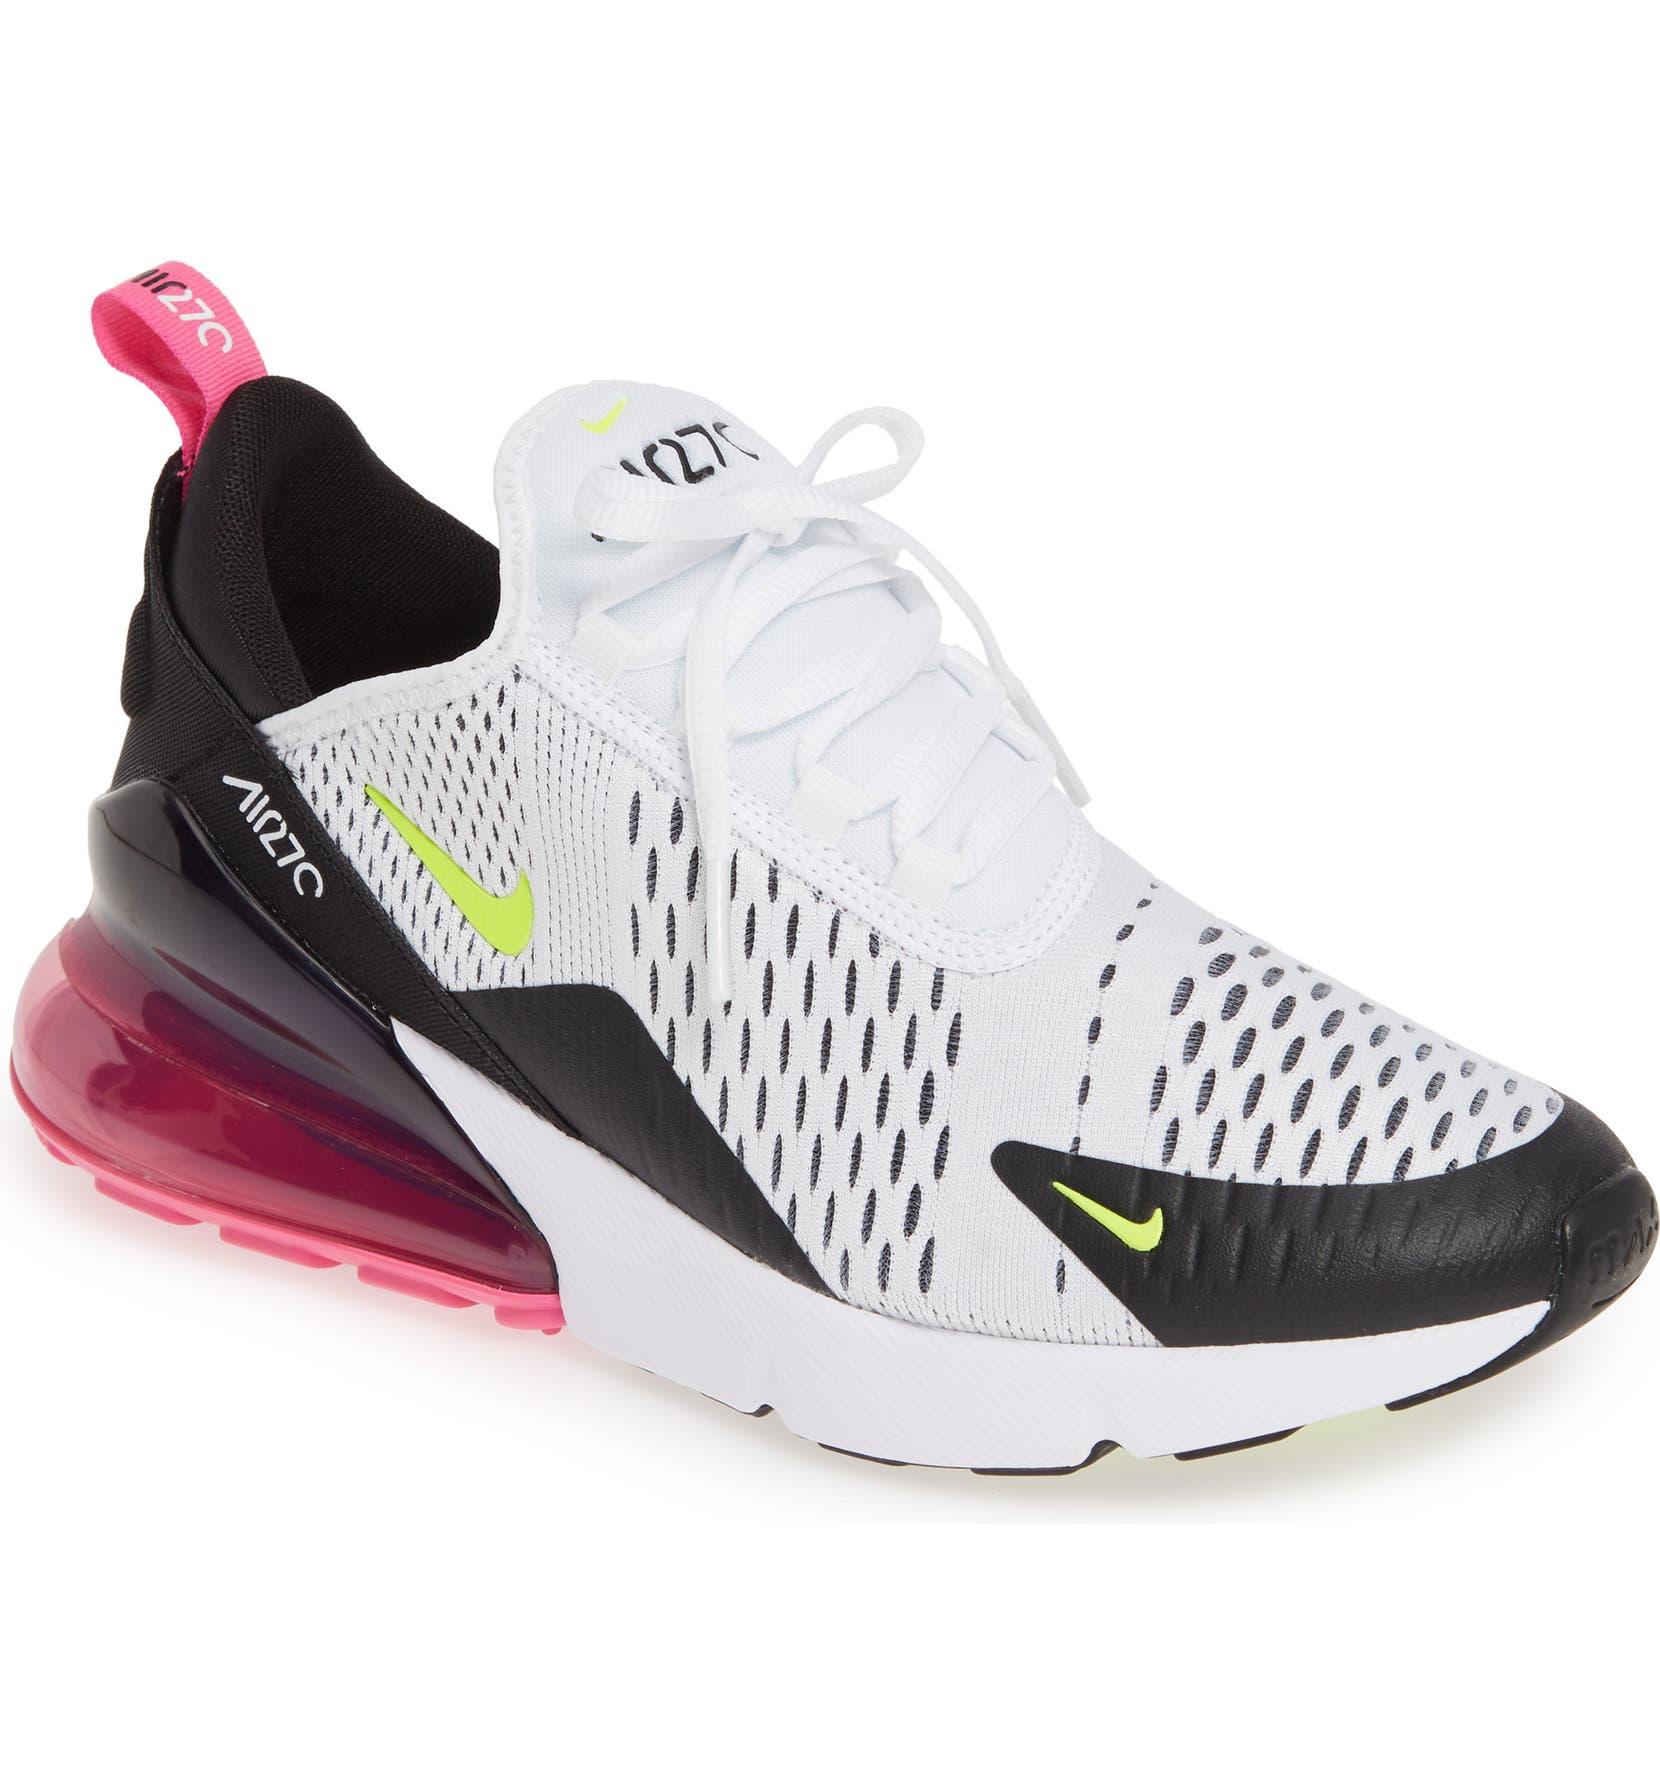 330ff4bcd9700 Nike Air Max 270 Sneaker (Toddler